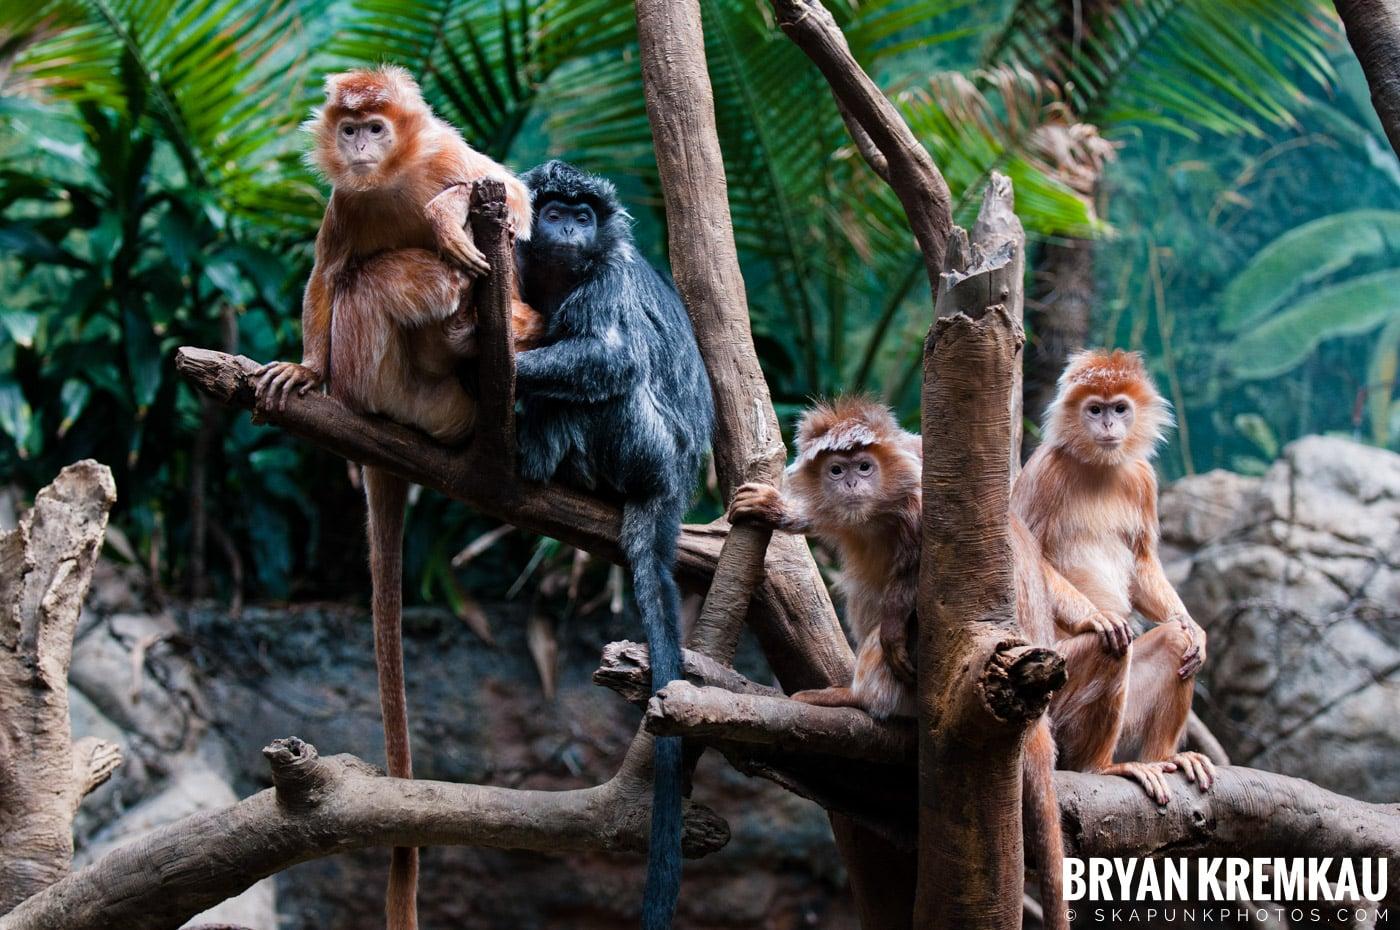 The Bronx Zoo @ Bronx, NYC - 5.7.11 (9)